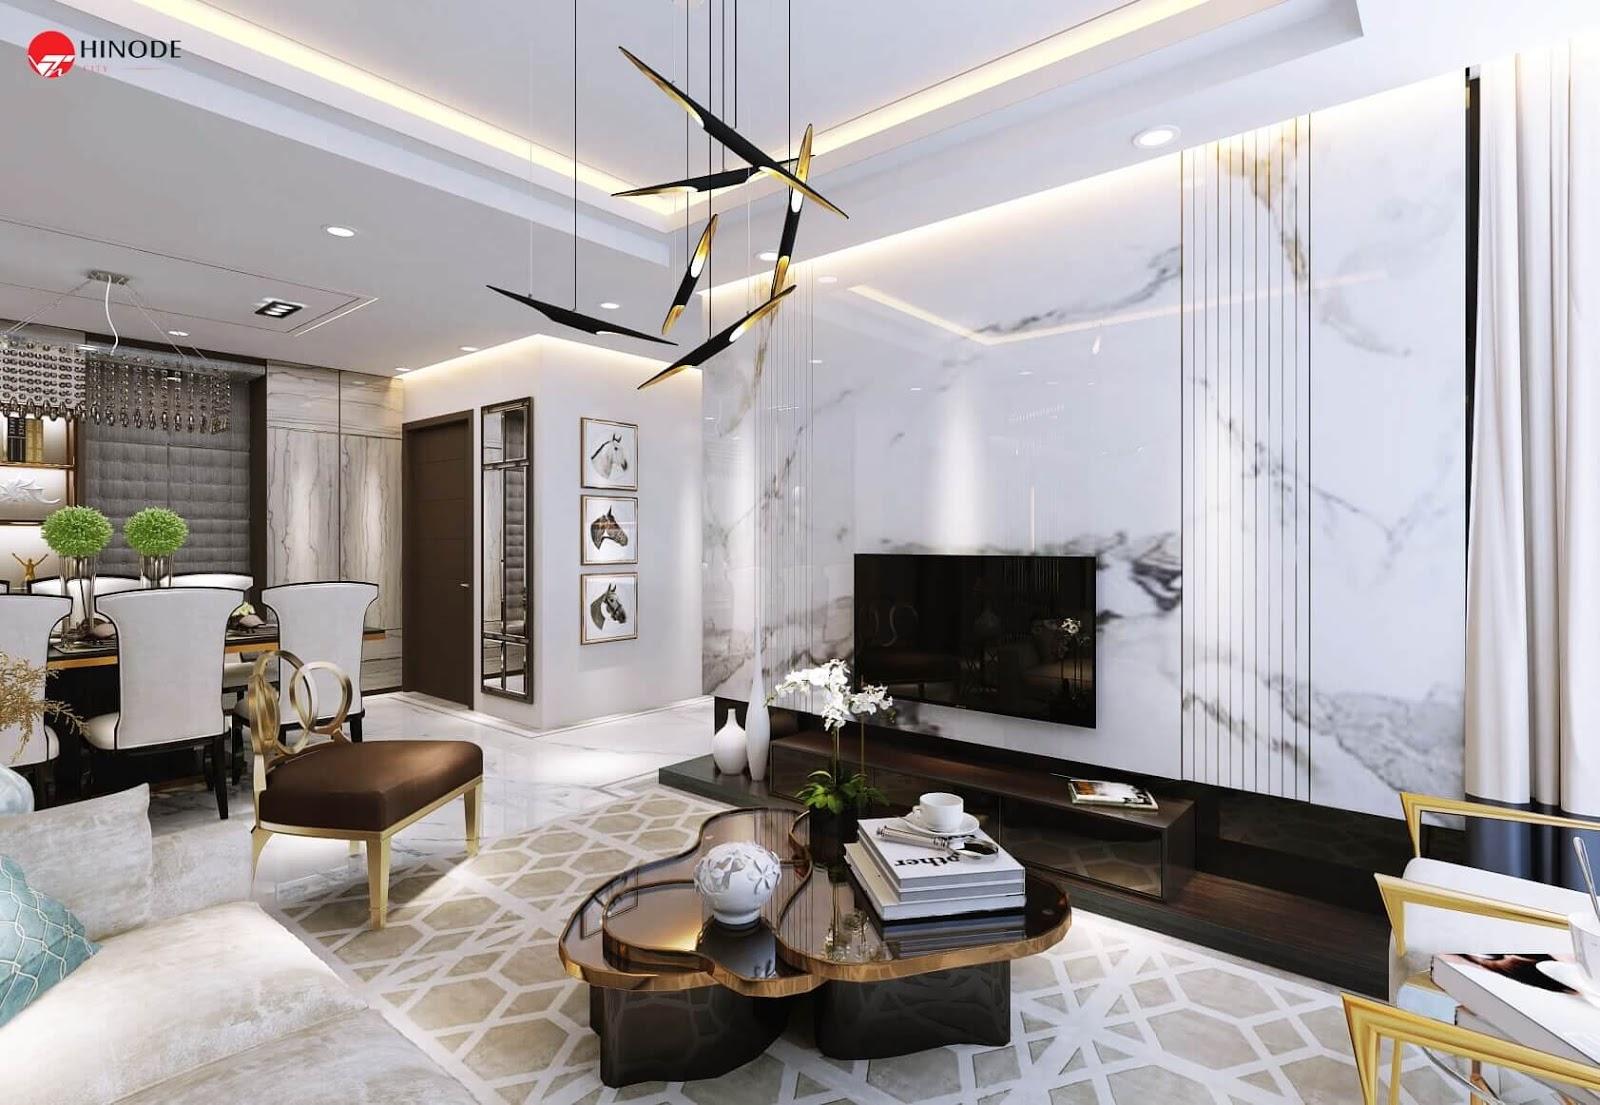 Nội thất bàn giao căn hộ cao cấp chung cư Hinode City